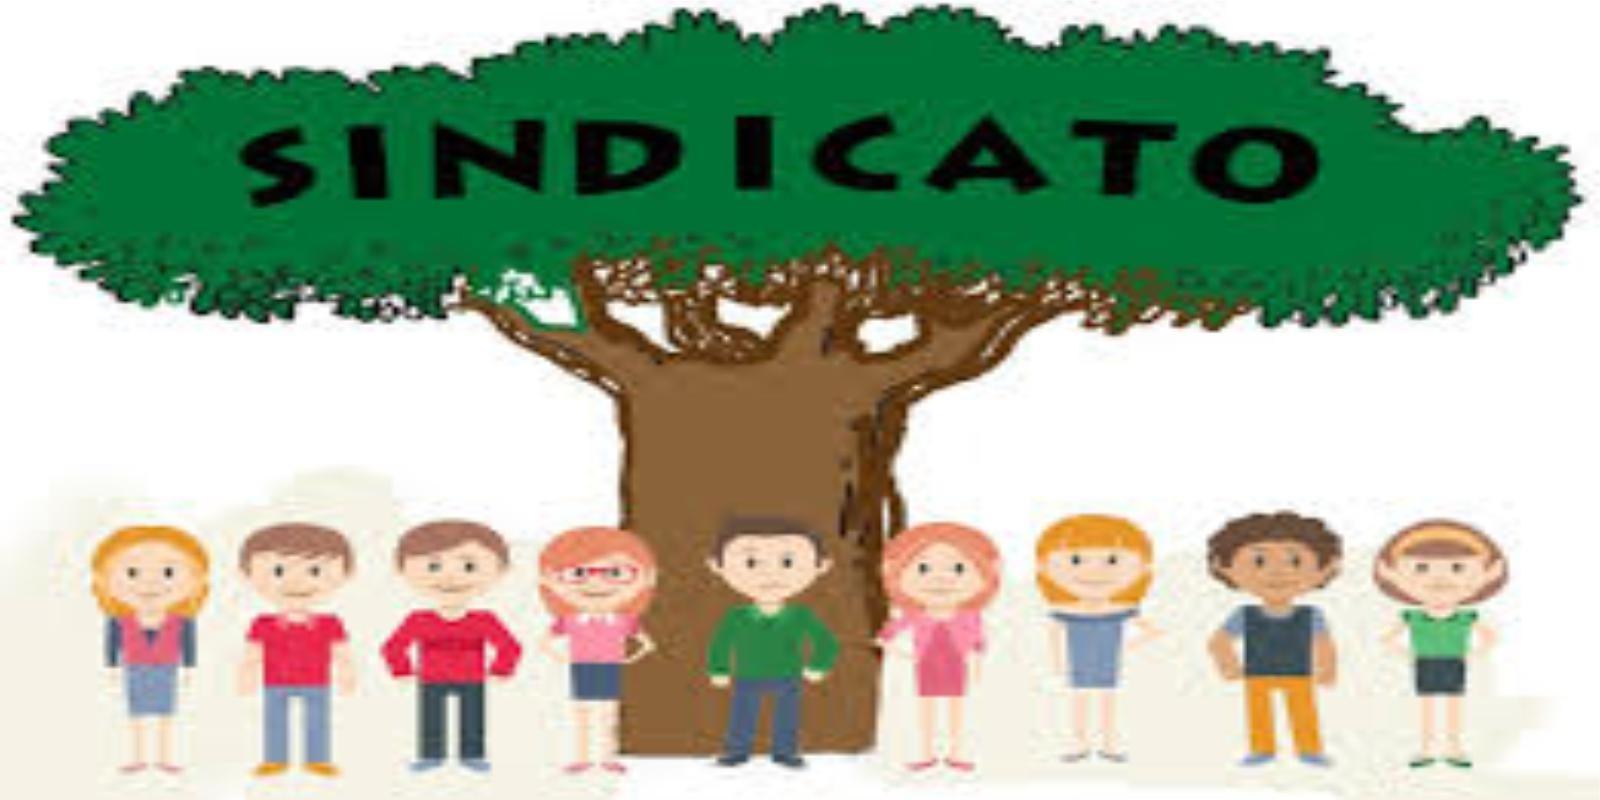 Sindicalizados ganham mais e têm mais direitos, comprova estudo